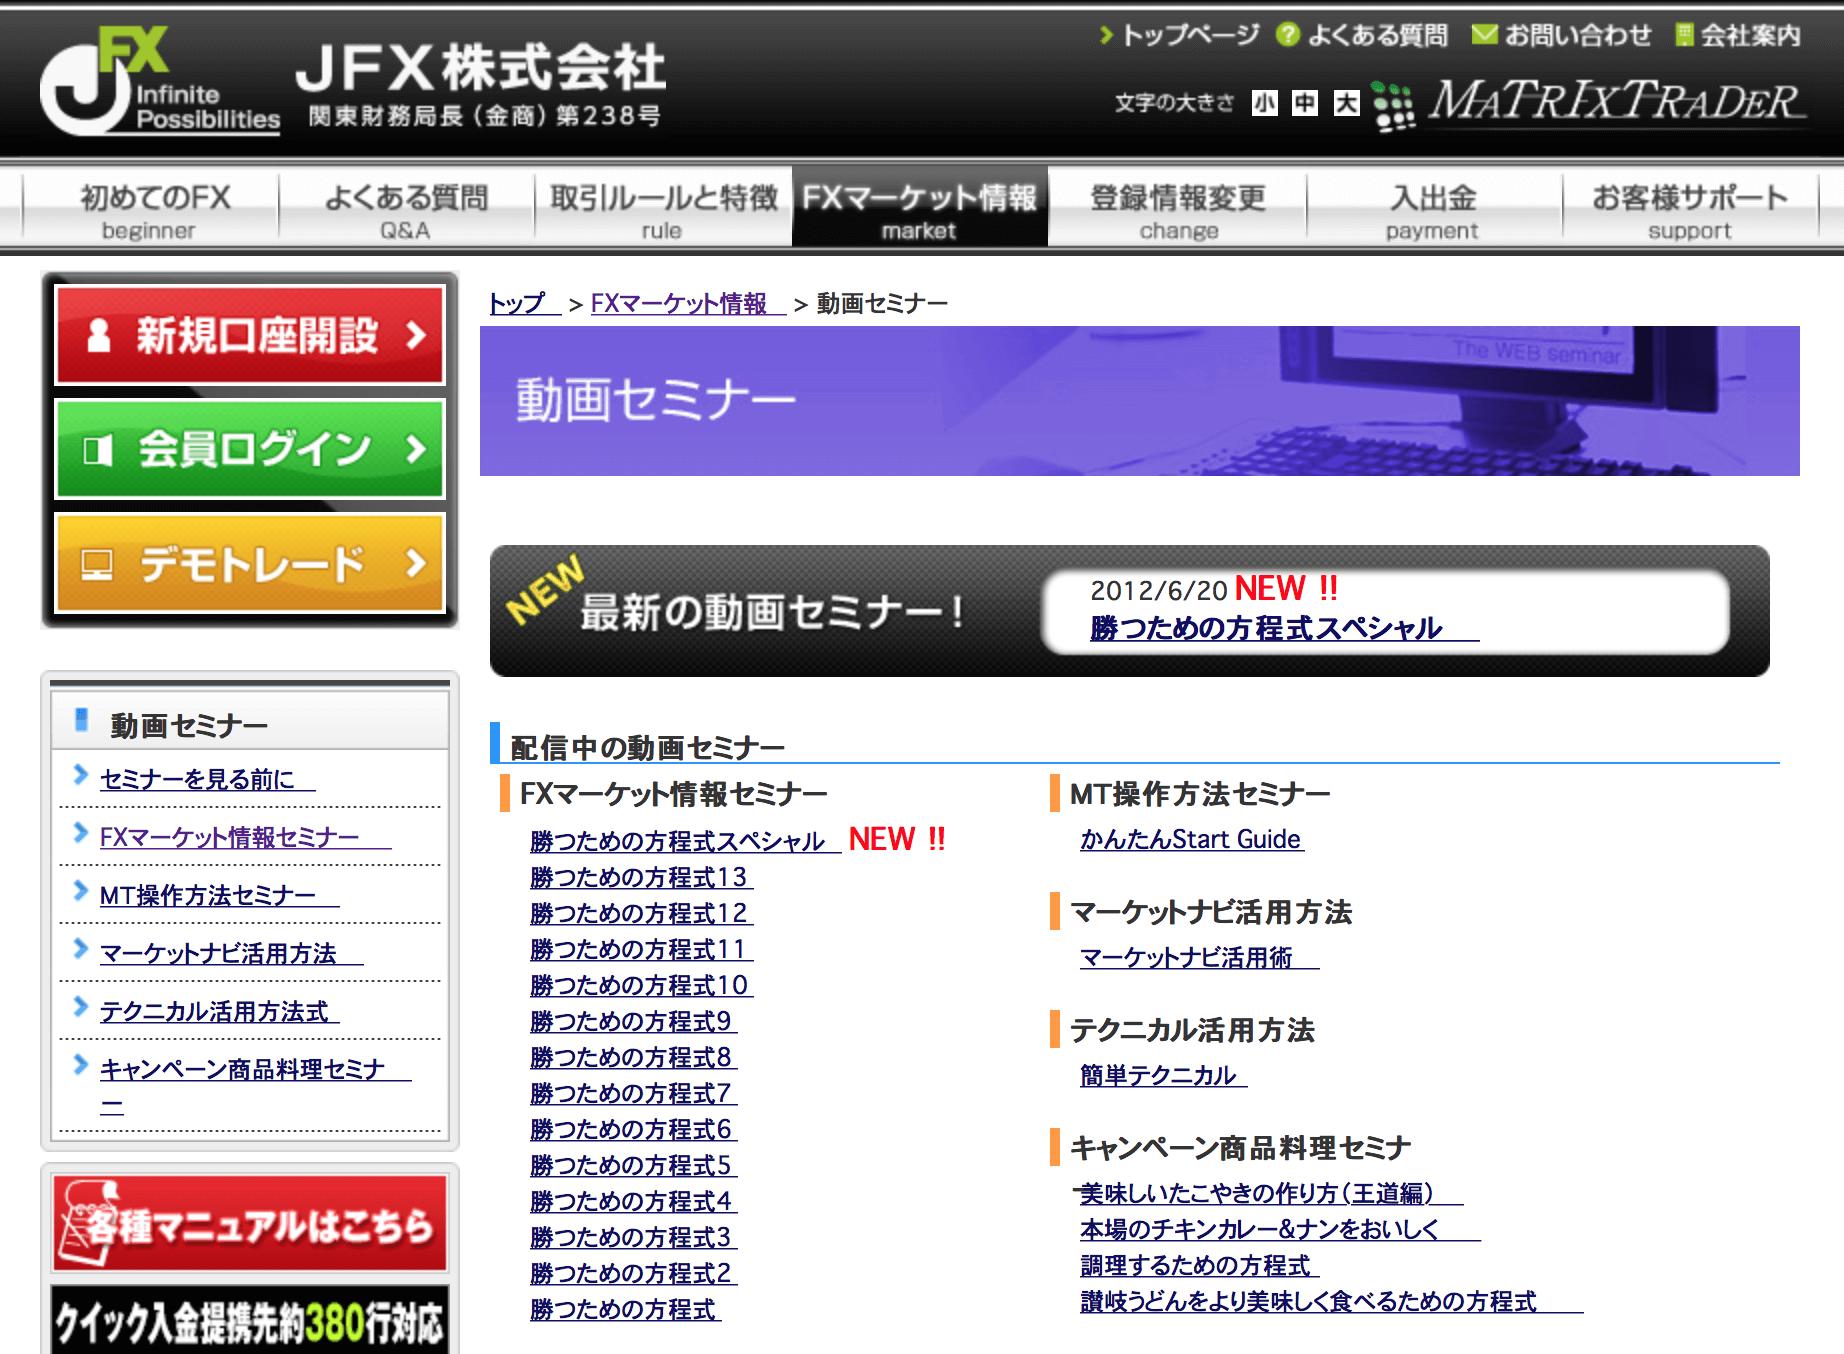 スクリーンショット 2016-09-04 16.47.59